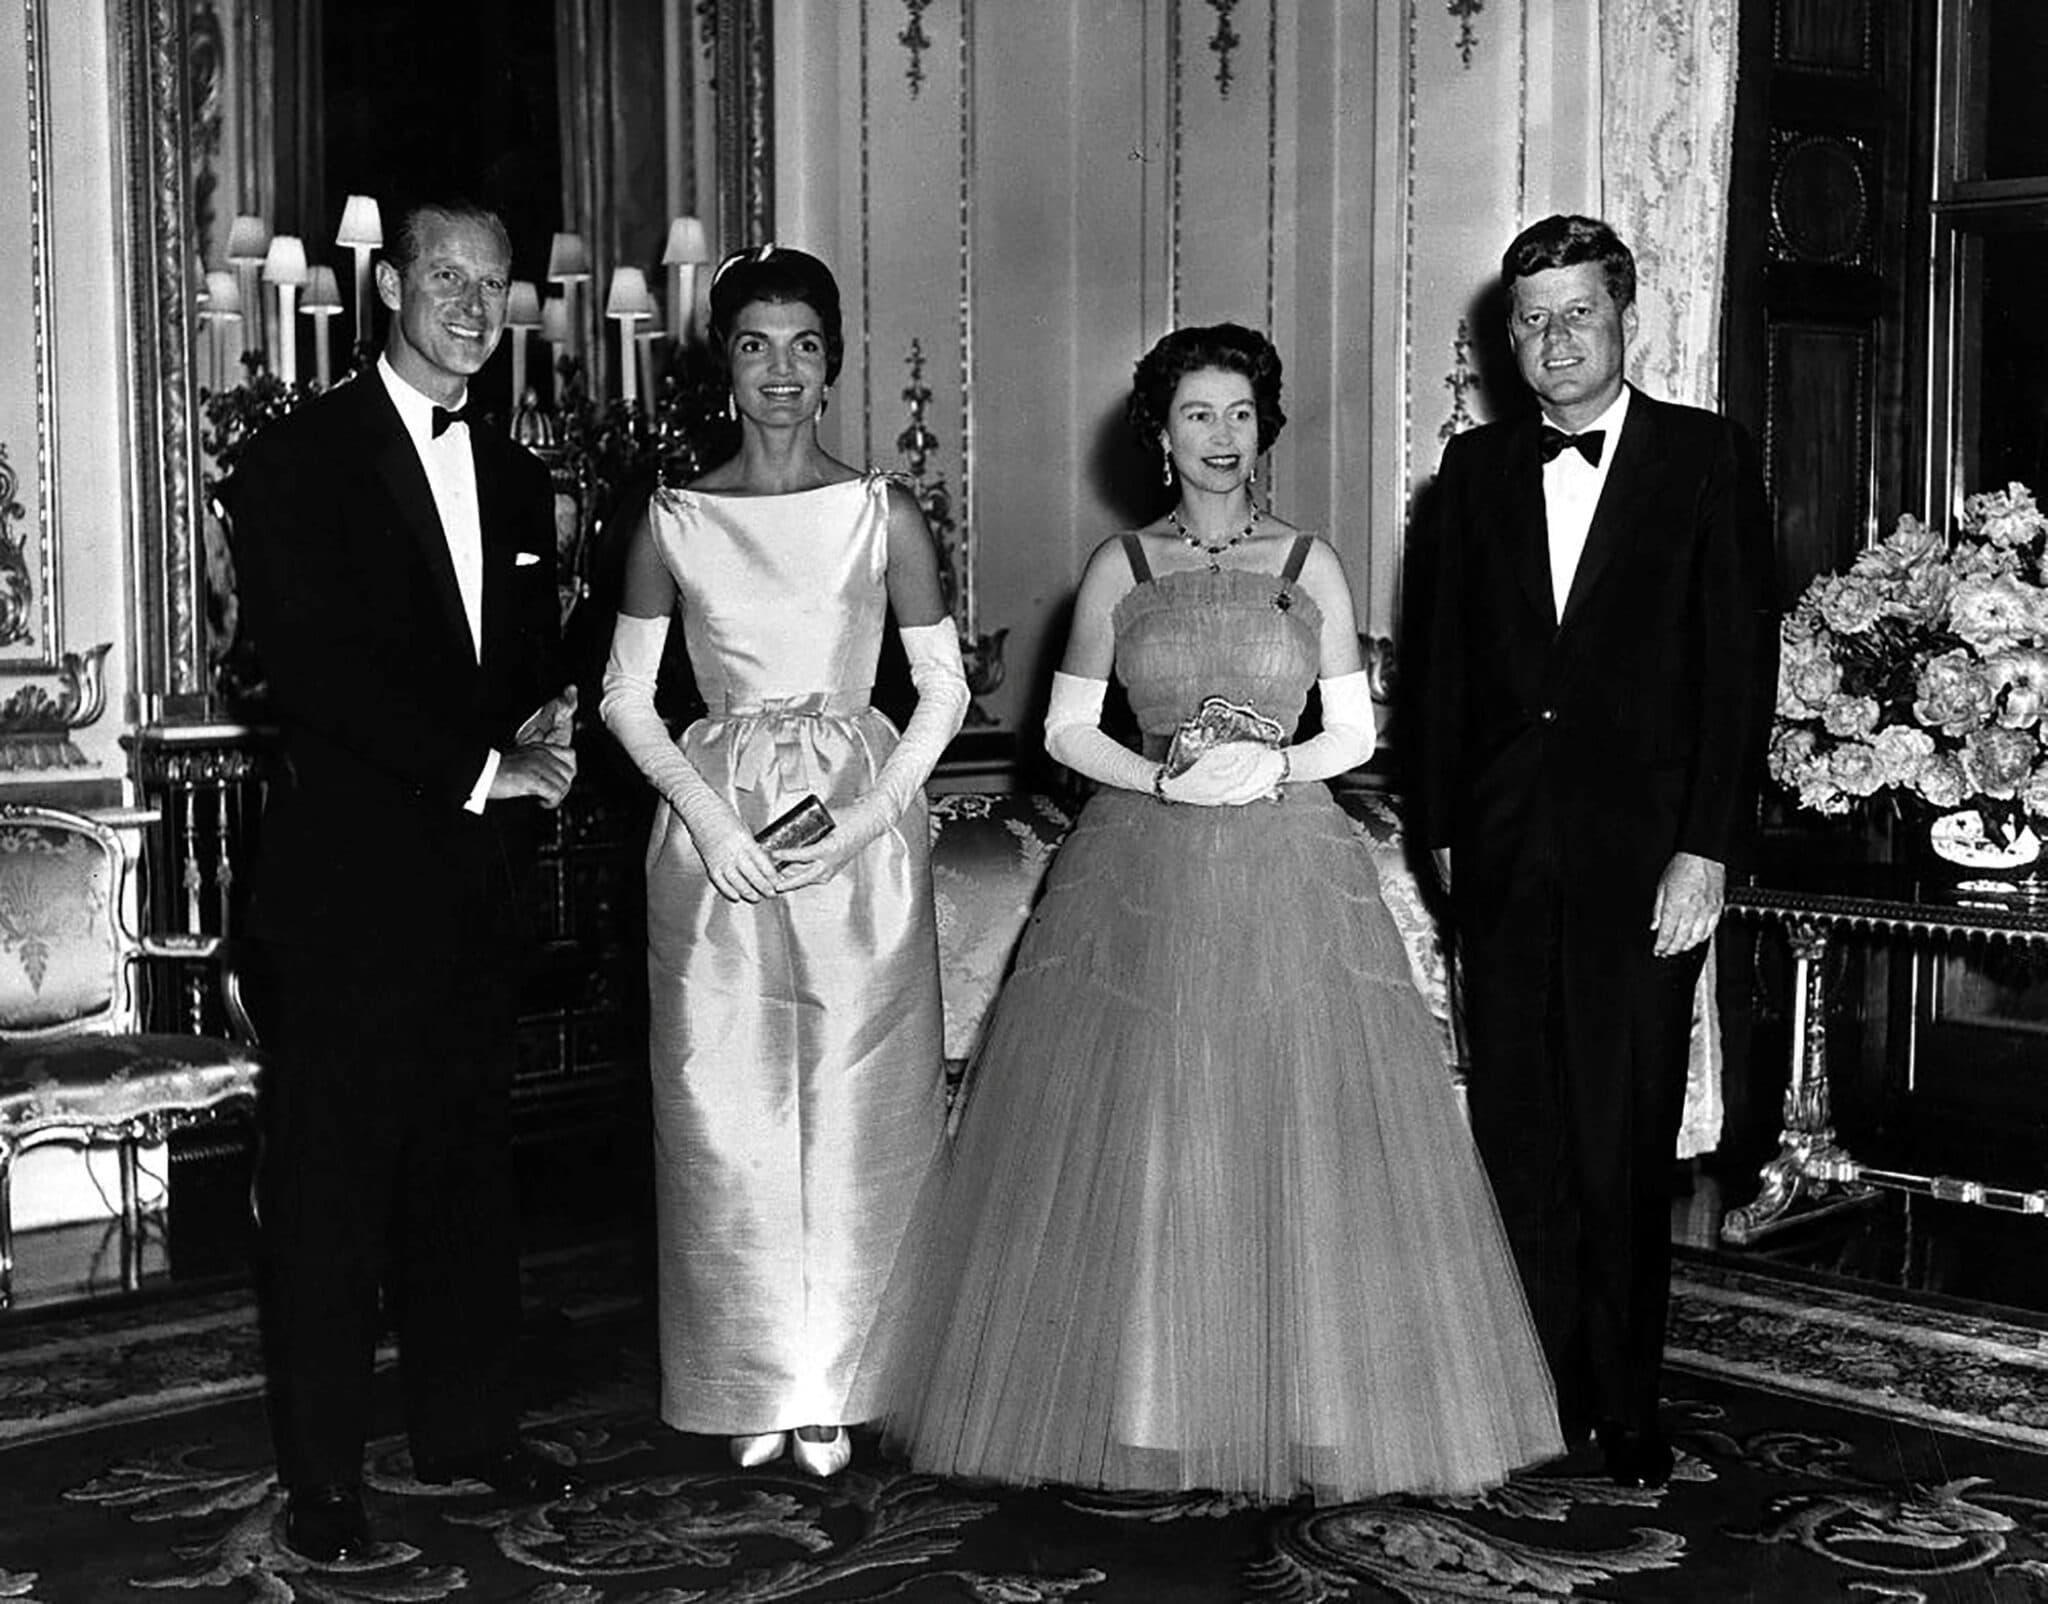 Královna Alžběta, princ Philip, John F. Kennedy, Jacqueline Kennedy, Londýn 1961